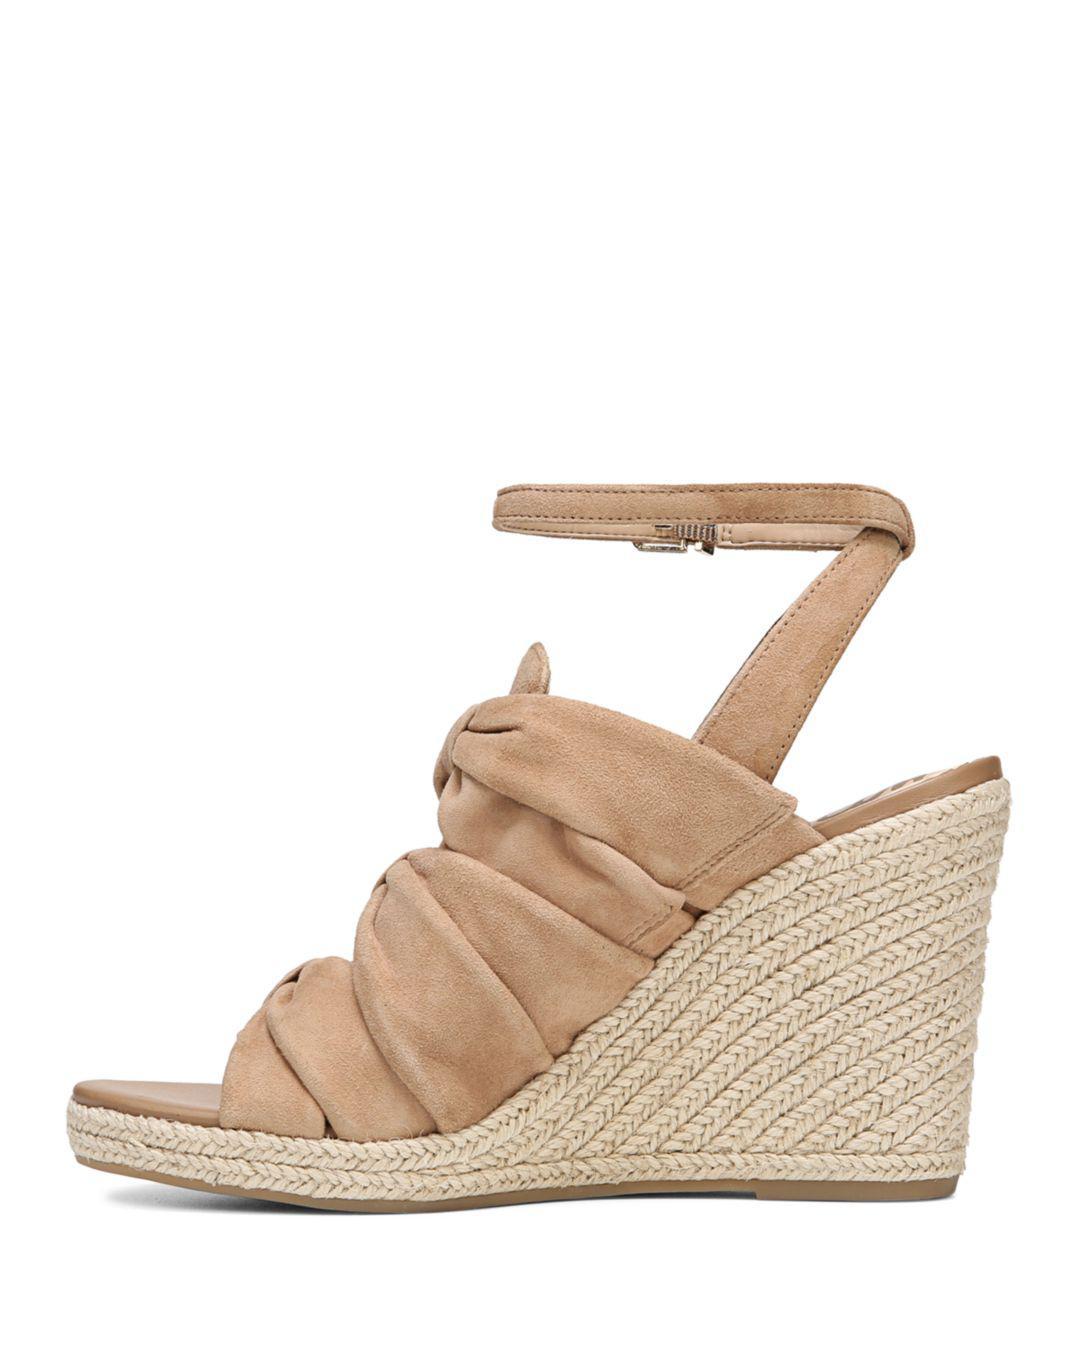 18656528d Lyst - Sam Edelman Women s Awan Suede Espadrille Wedge Sandals